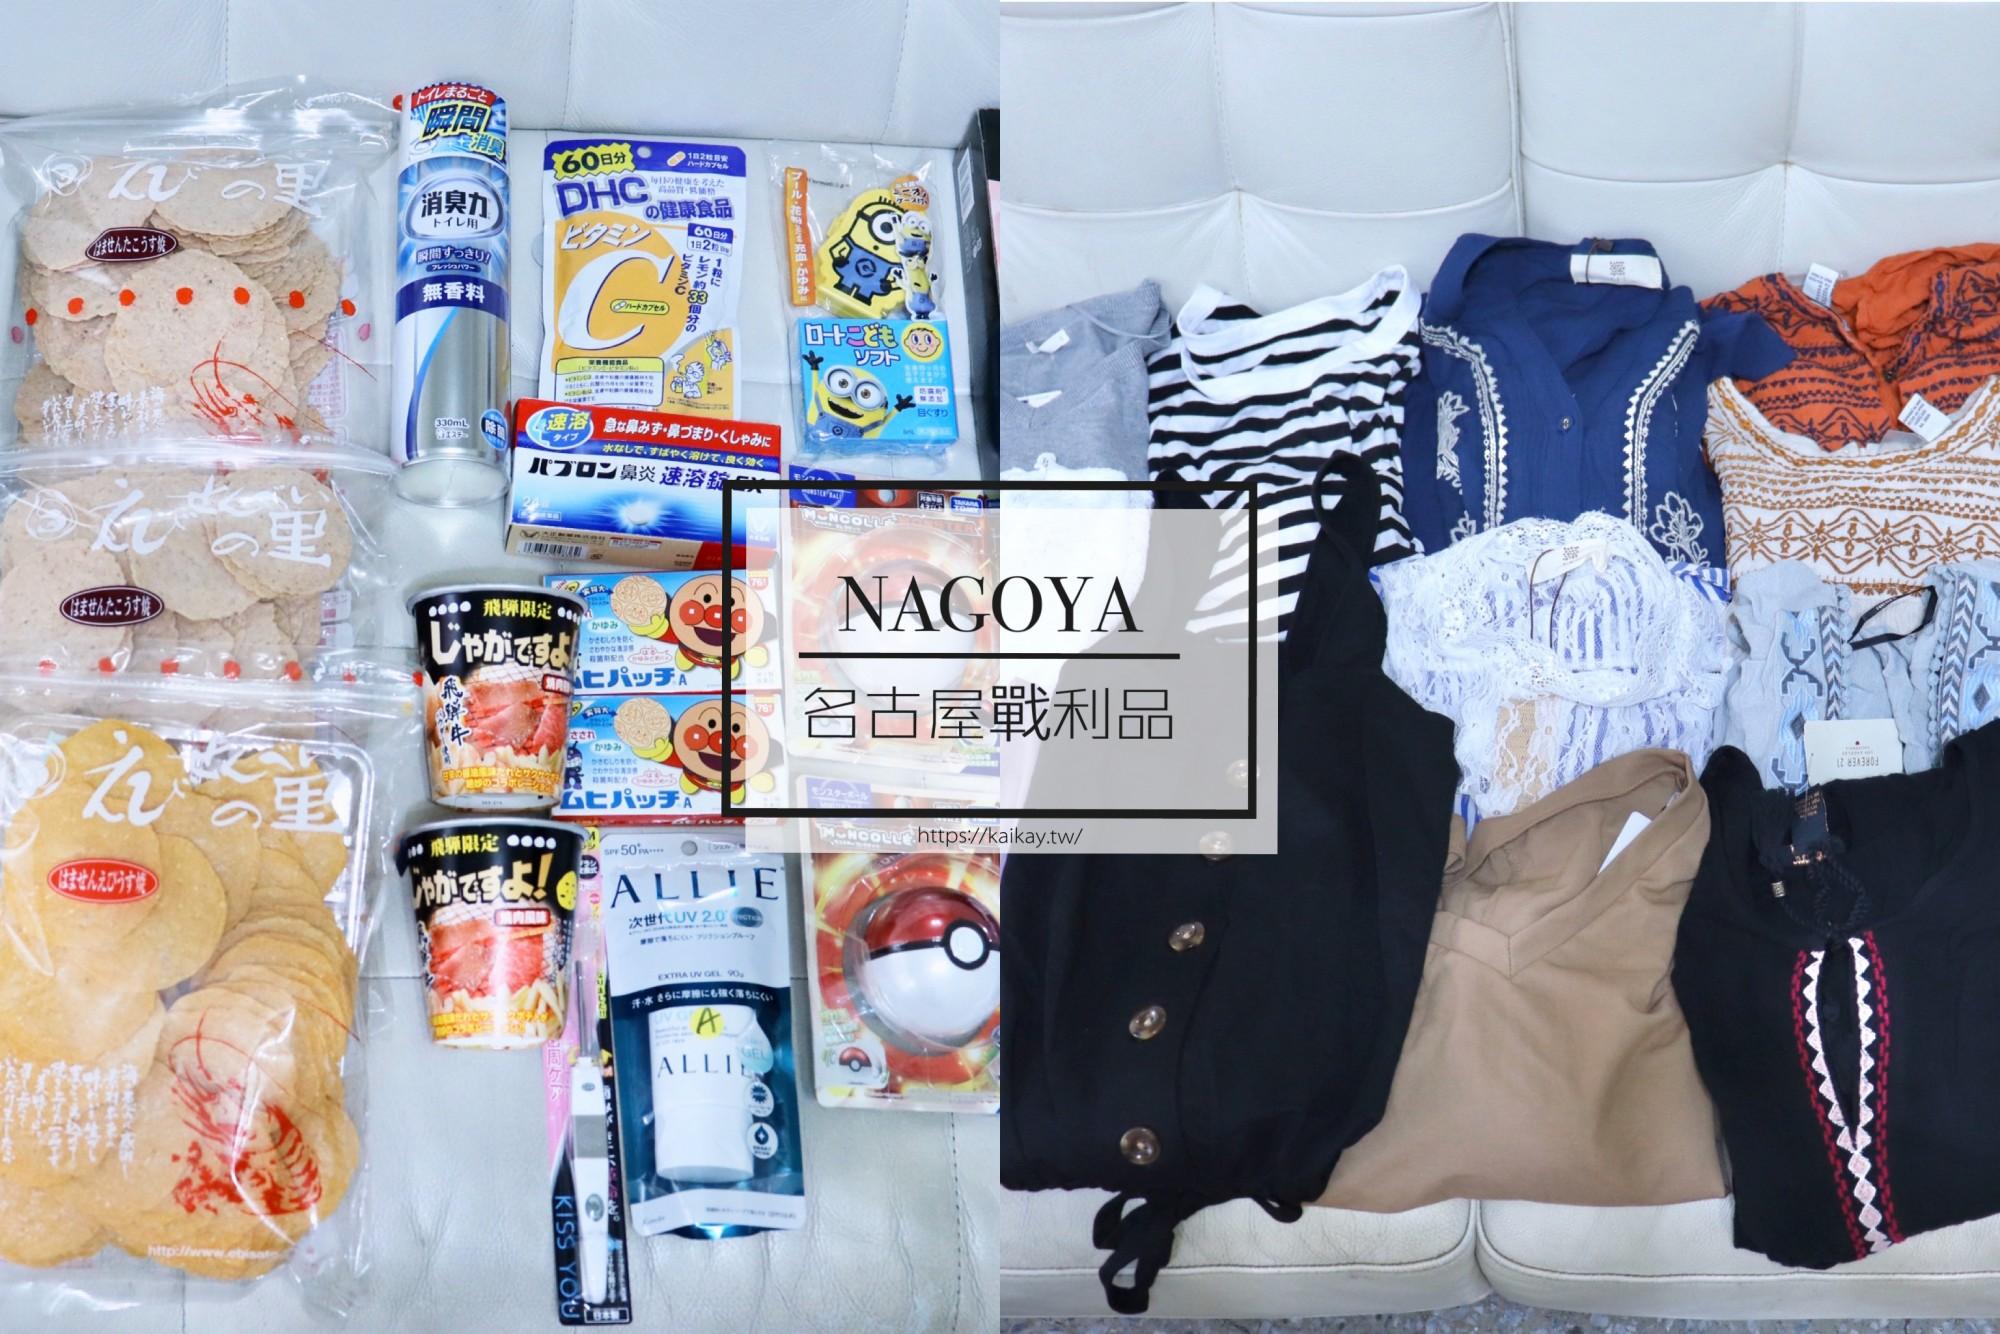 ☆【2019。名古屋】六月PRE SALE換季折扣戰利品 @凱的日本食尚日記